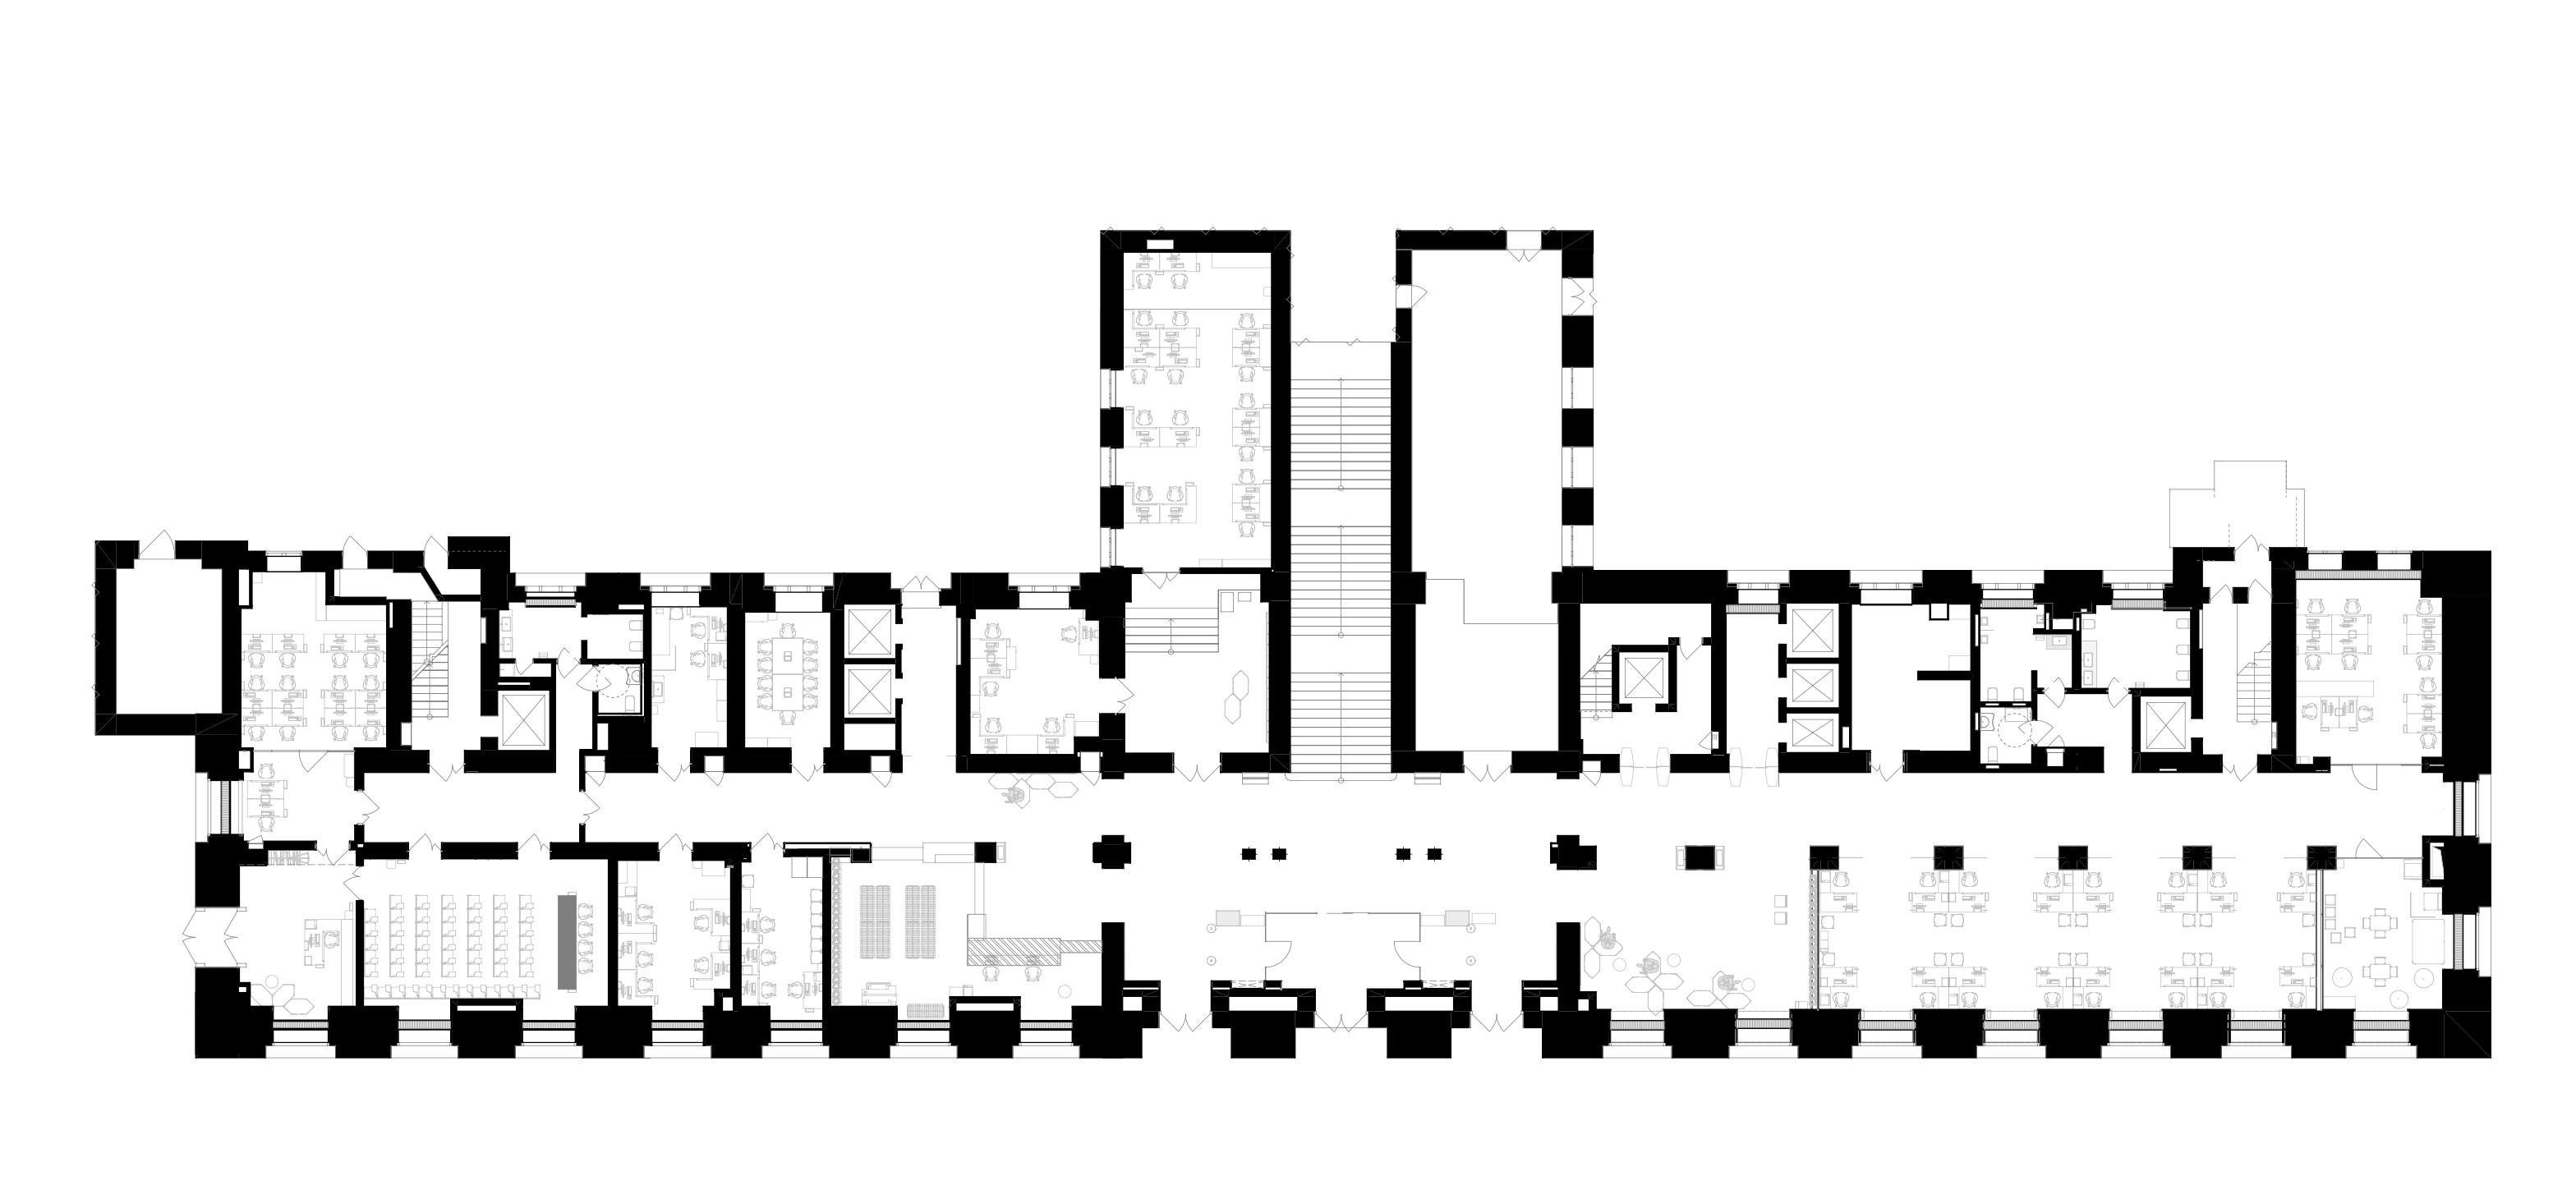 image-1-0: kmda